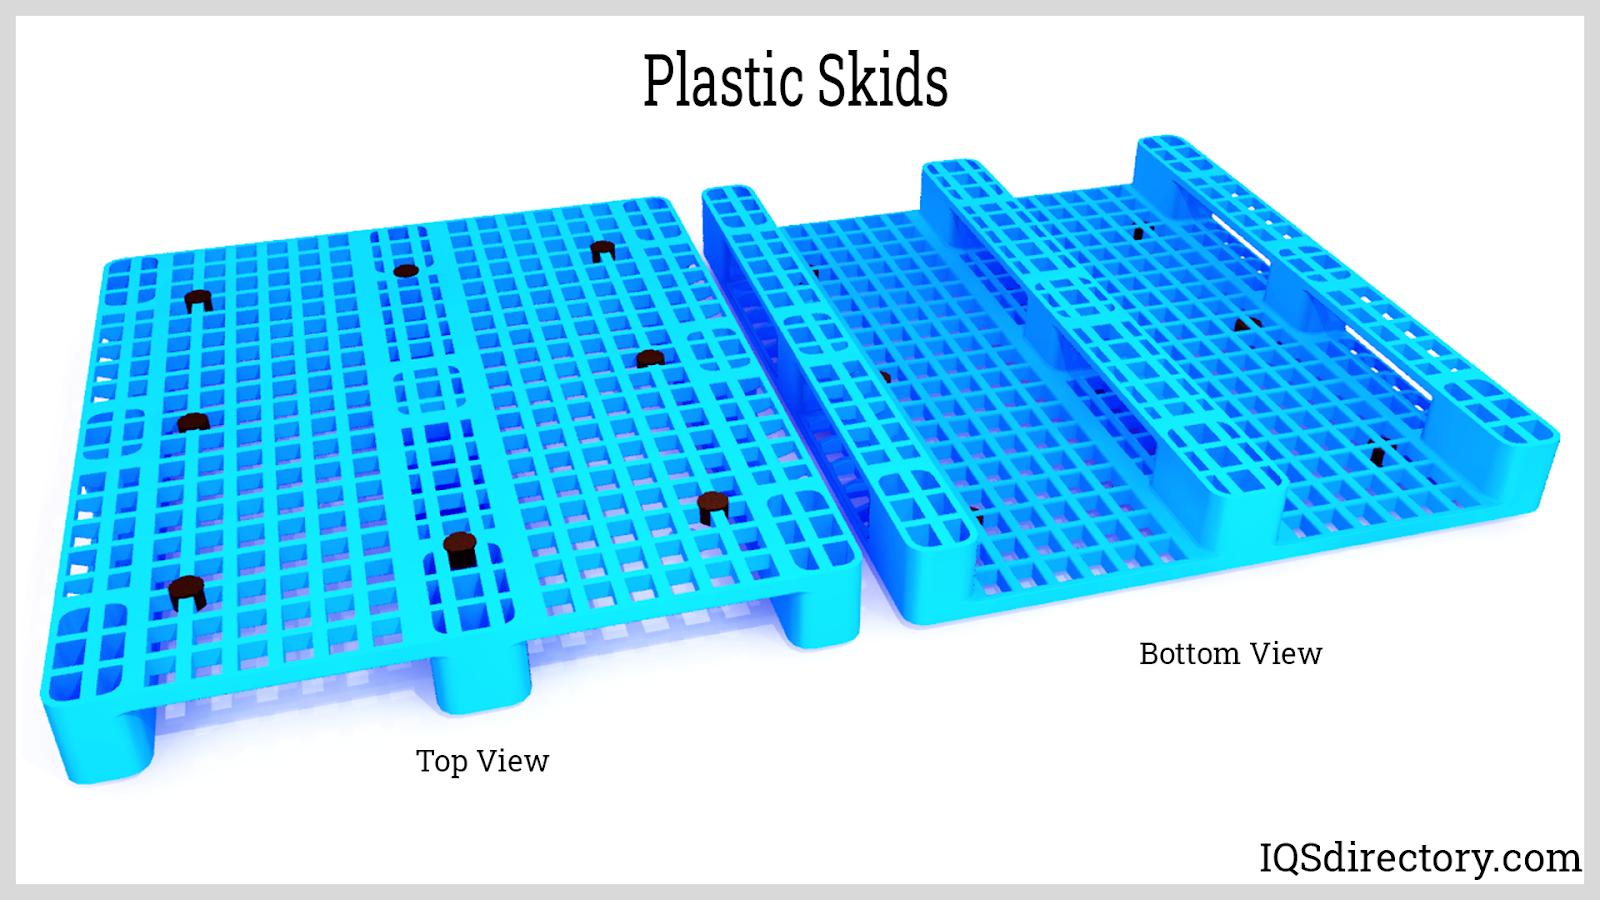 Plastic Skids